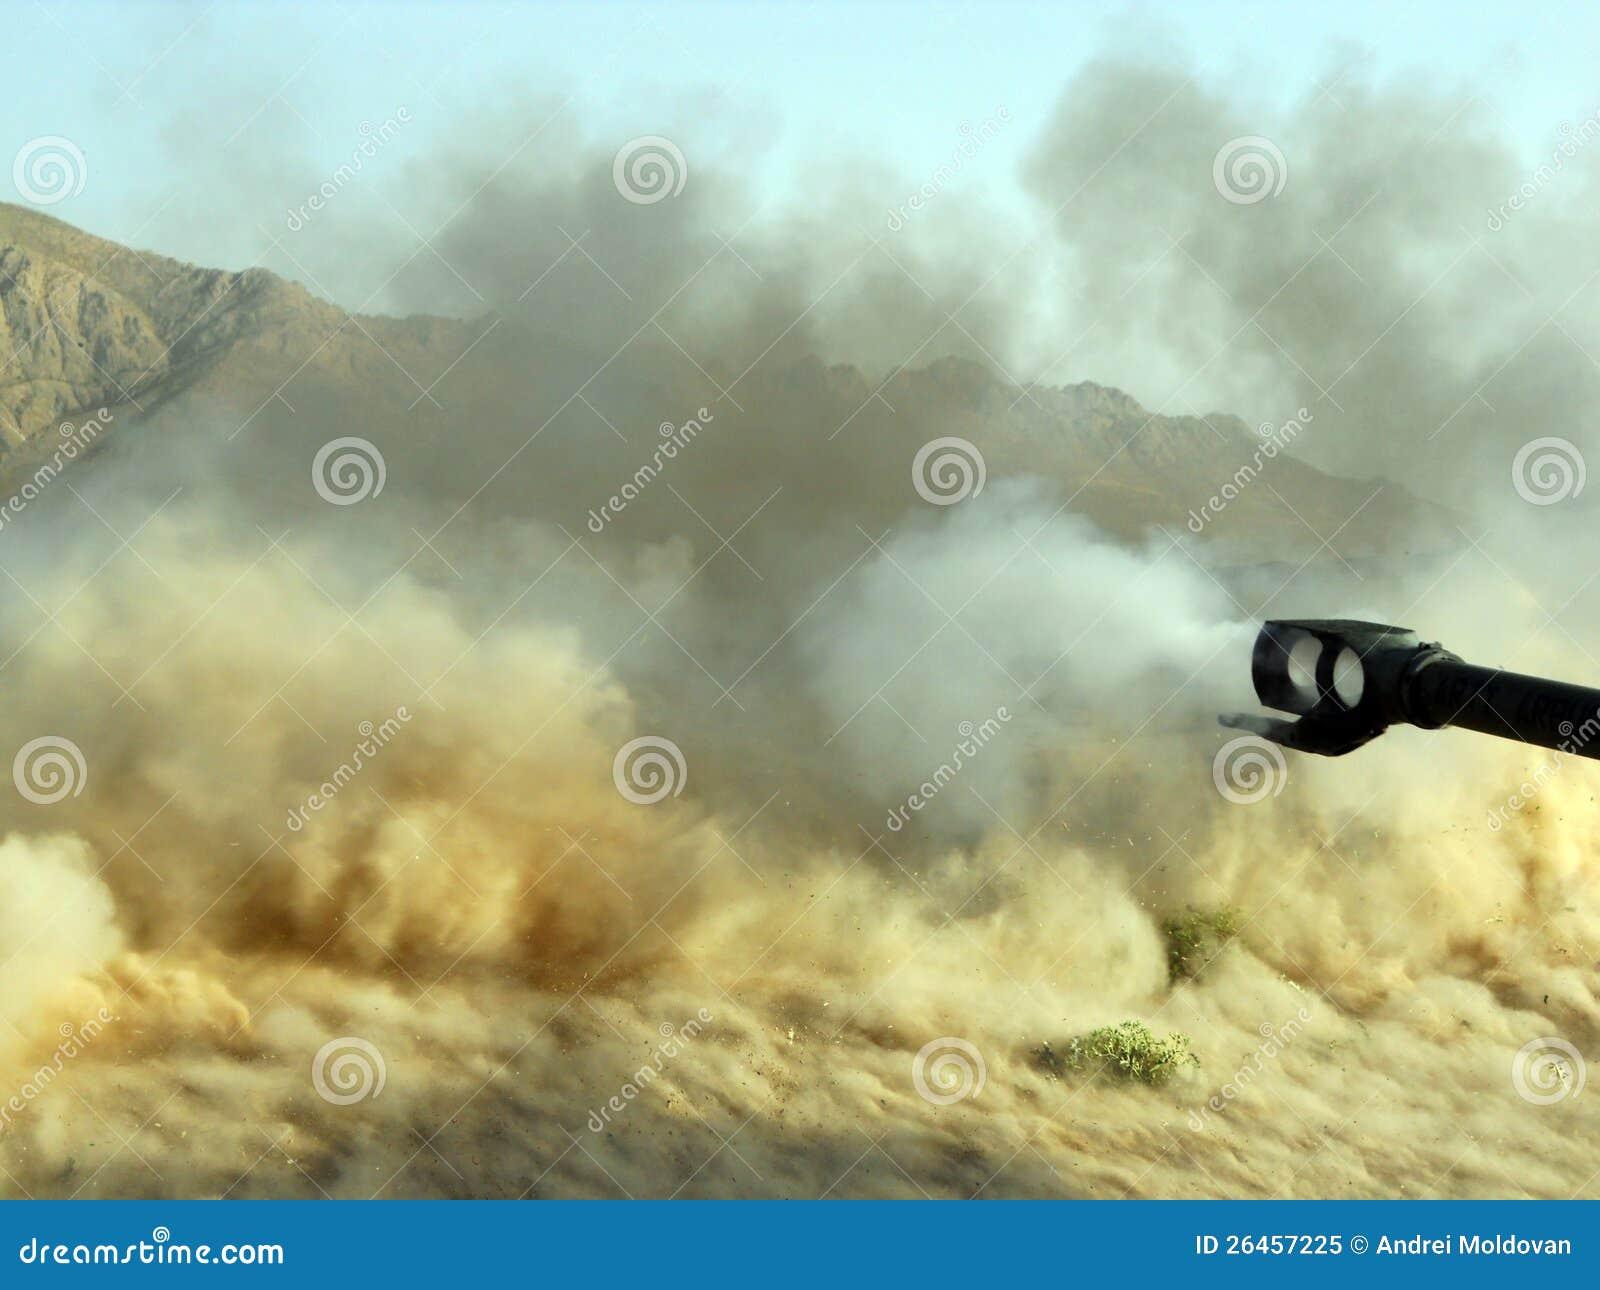 Download Big Gun Blast In Afghanistan Stock Image - Image of desert, hills: 26457225